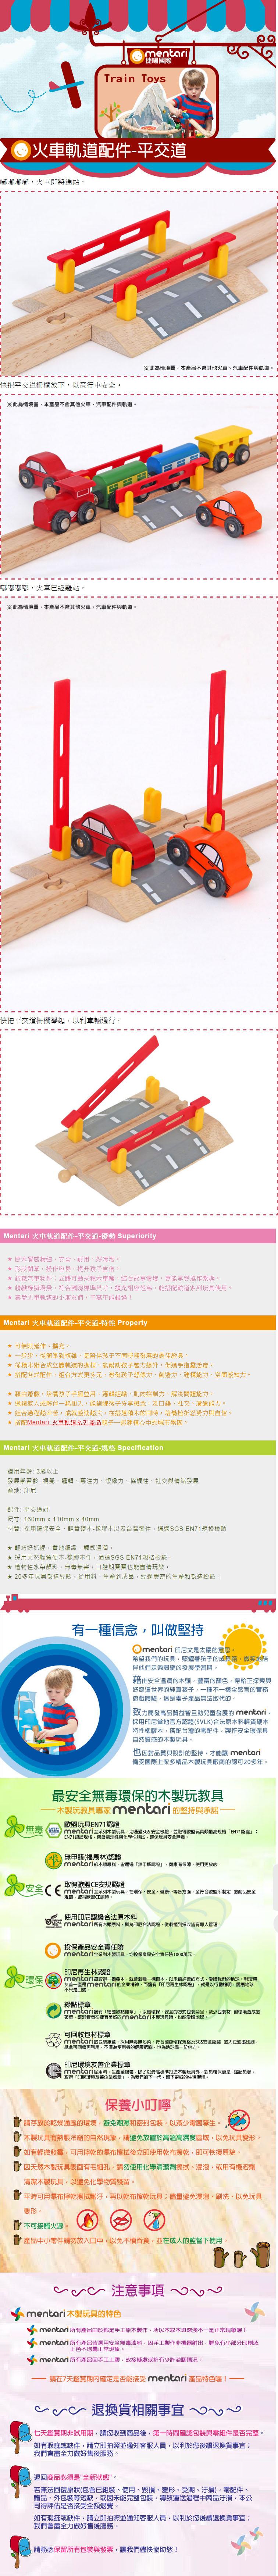 Mentari 捷暘國際 男孩系列 火車系列 木頭玩具 木製玩具 教具 火車軌道配件-平交道